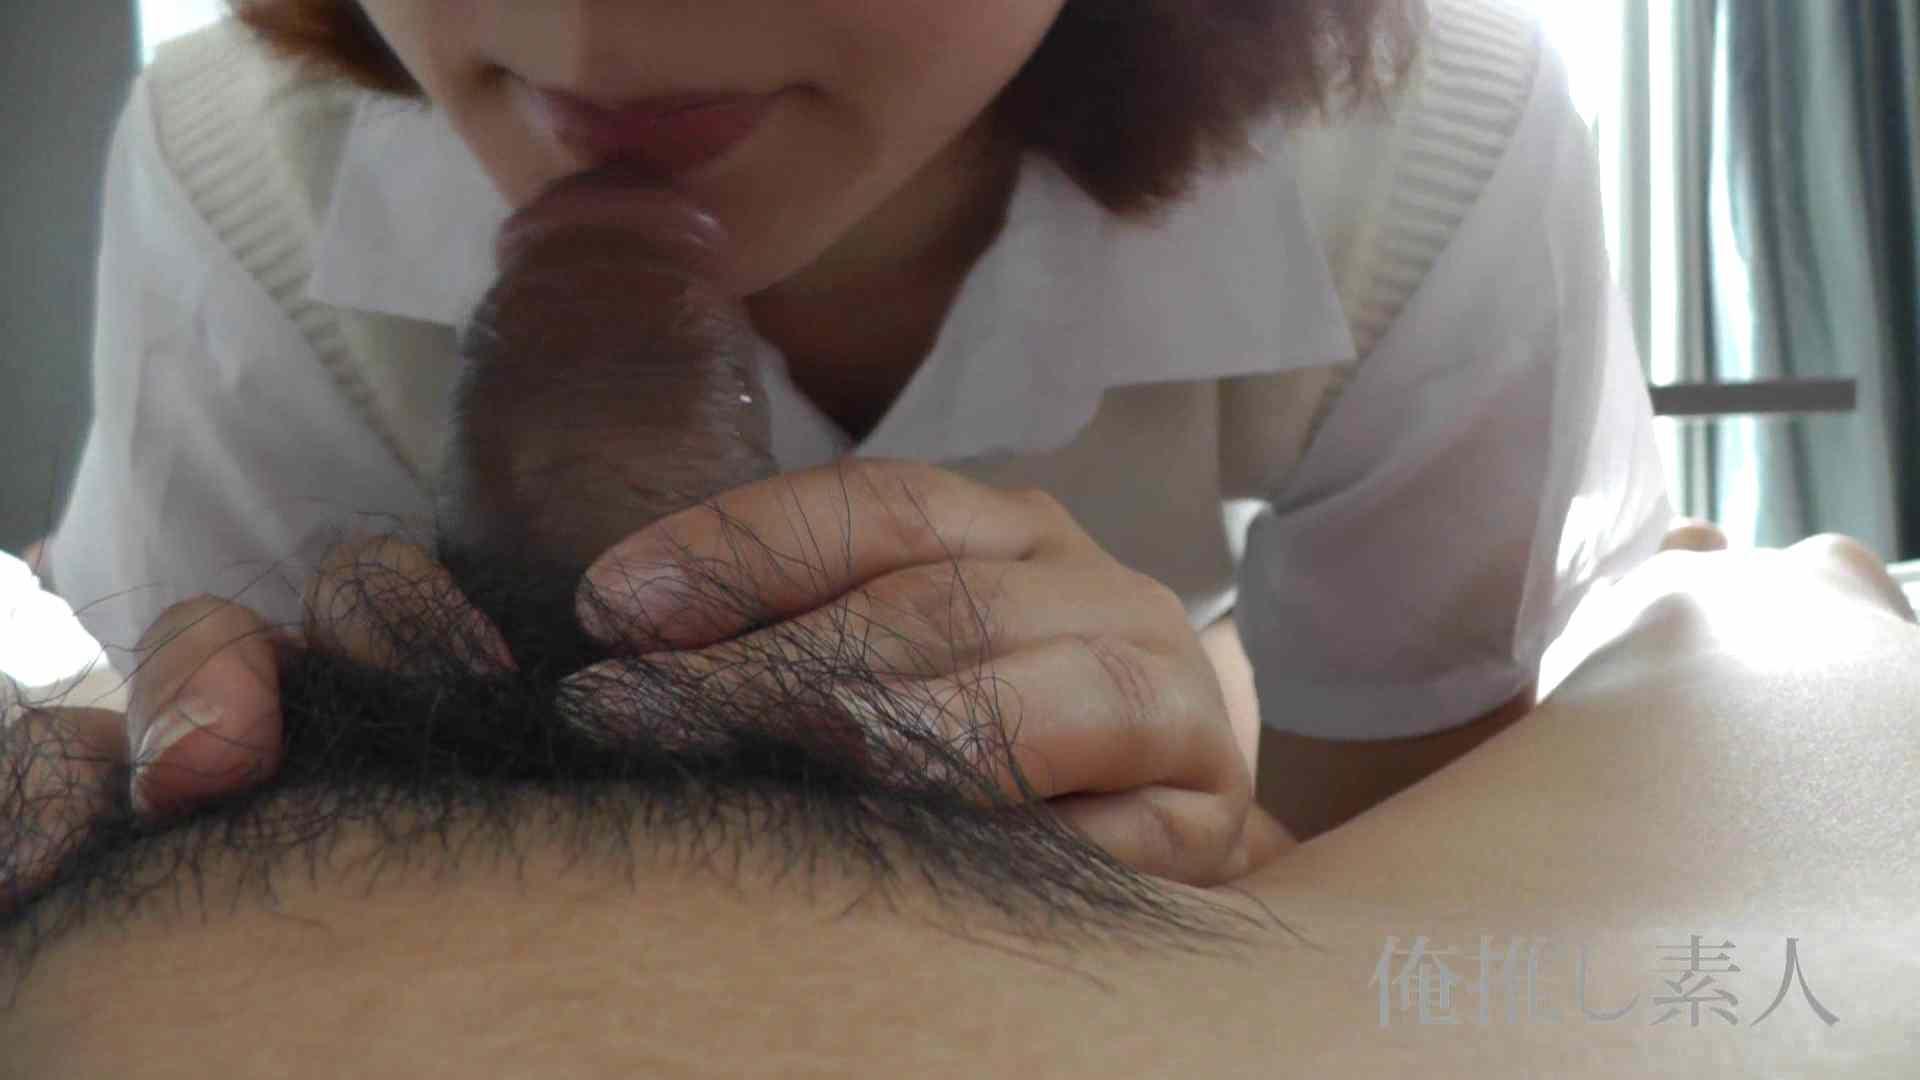 俺推し素人 キャバクラ嬢26歳久美vol6 素人流出動画  110枚 60